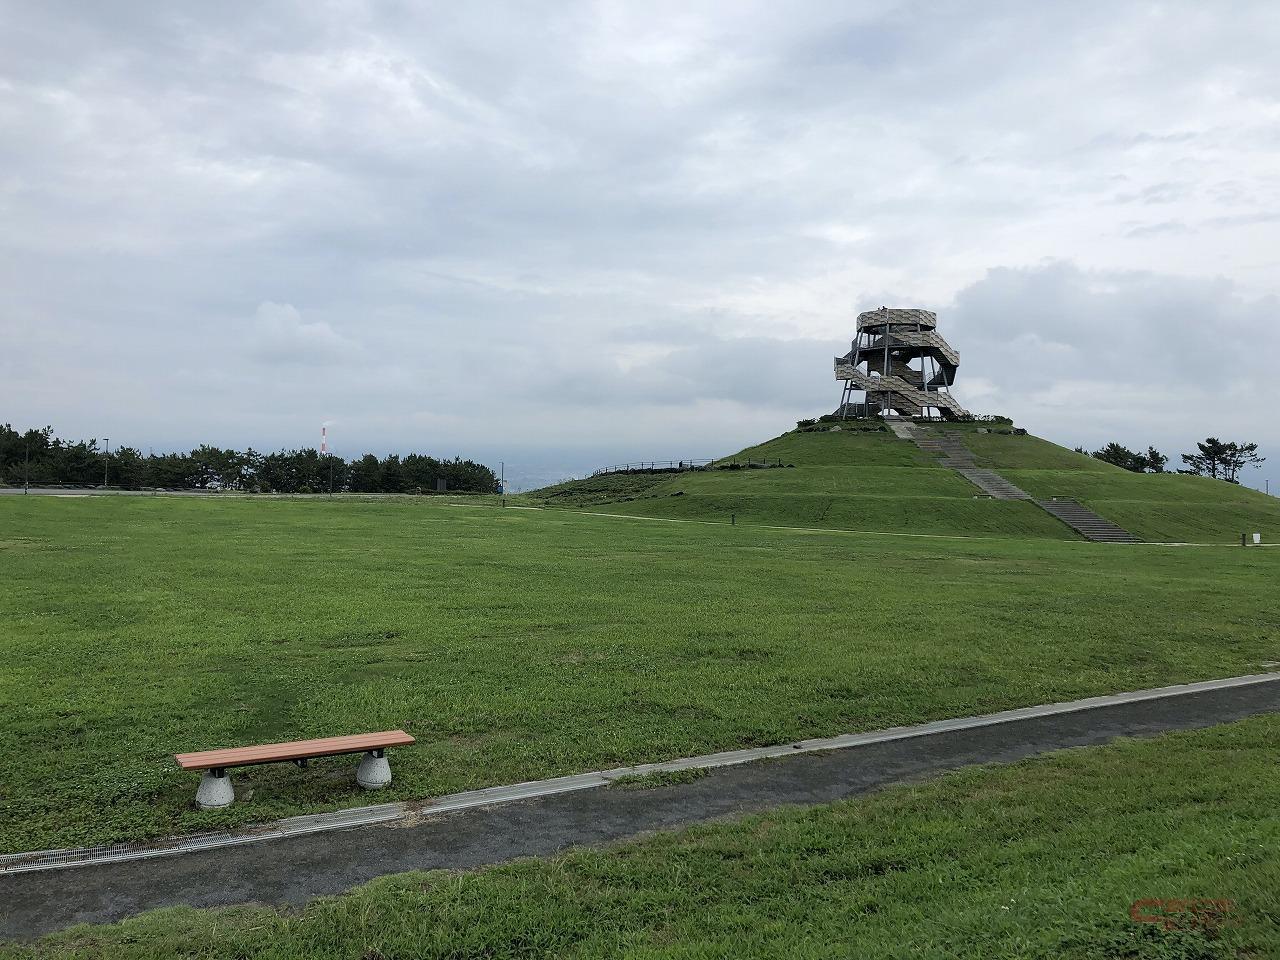 ふじのくに田子の浦みなと公園